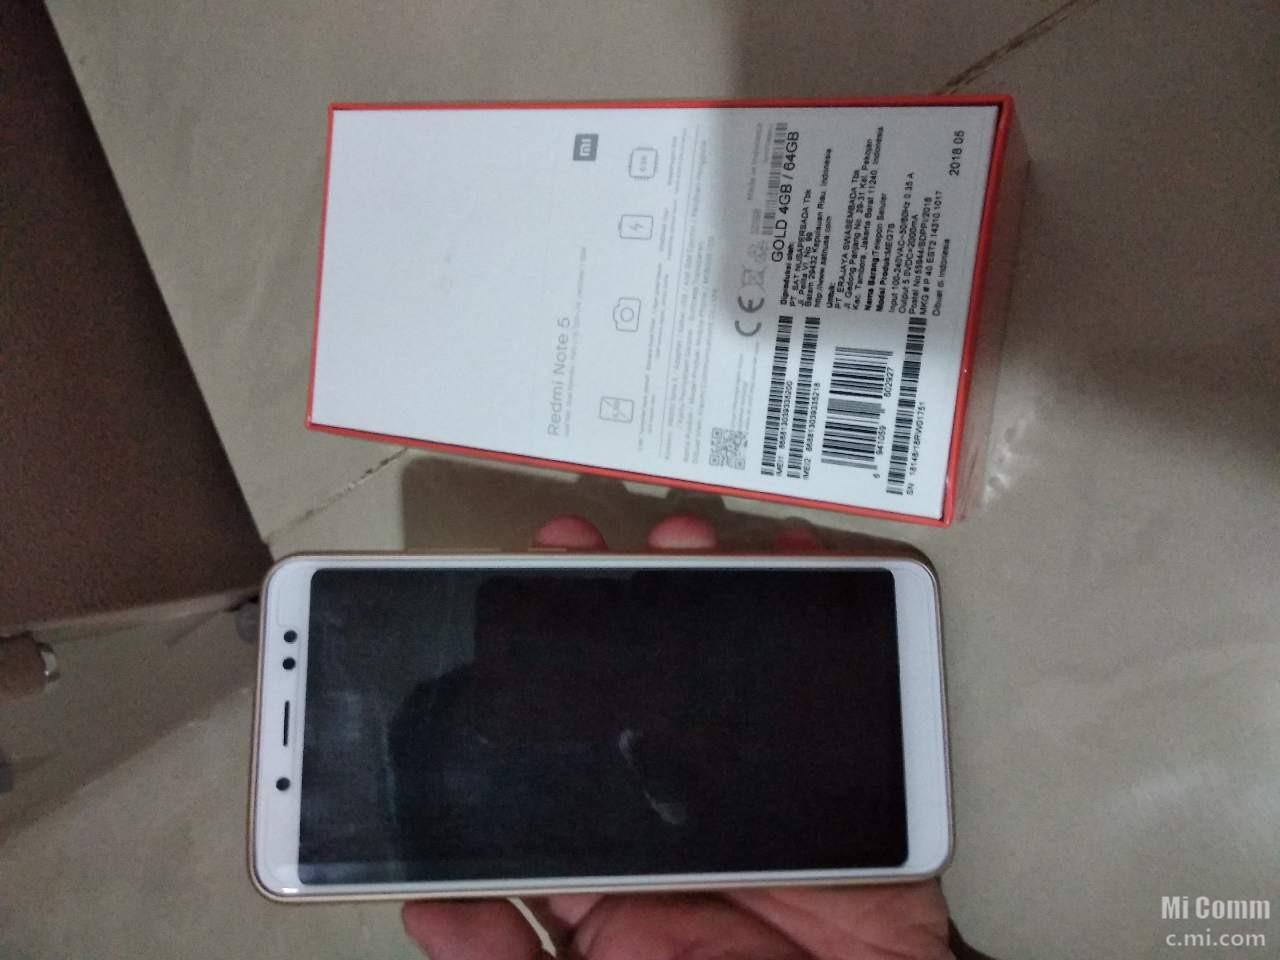 Redmi Note 5 Pro Yg Msk Indo Emgnya Di Dus Nya Gak Terlampir Tulisan Xiaomi 2 Garansi Resmi Putih Click To Edit